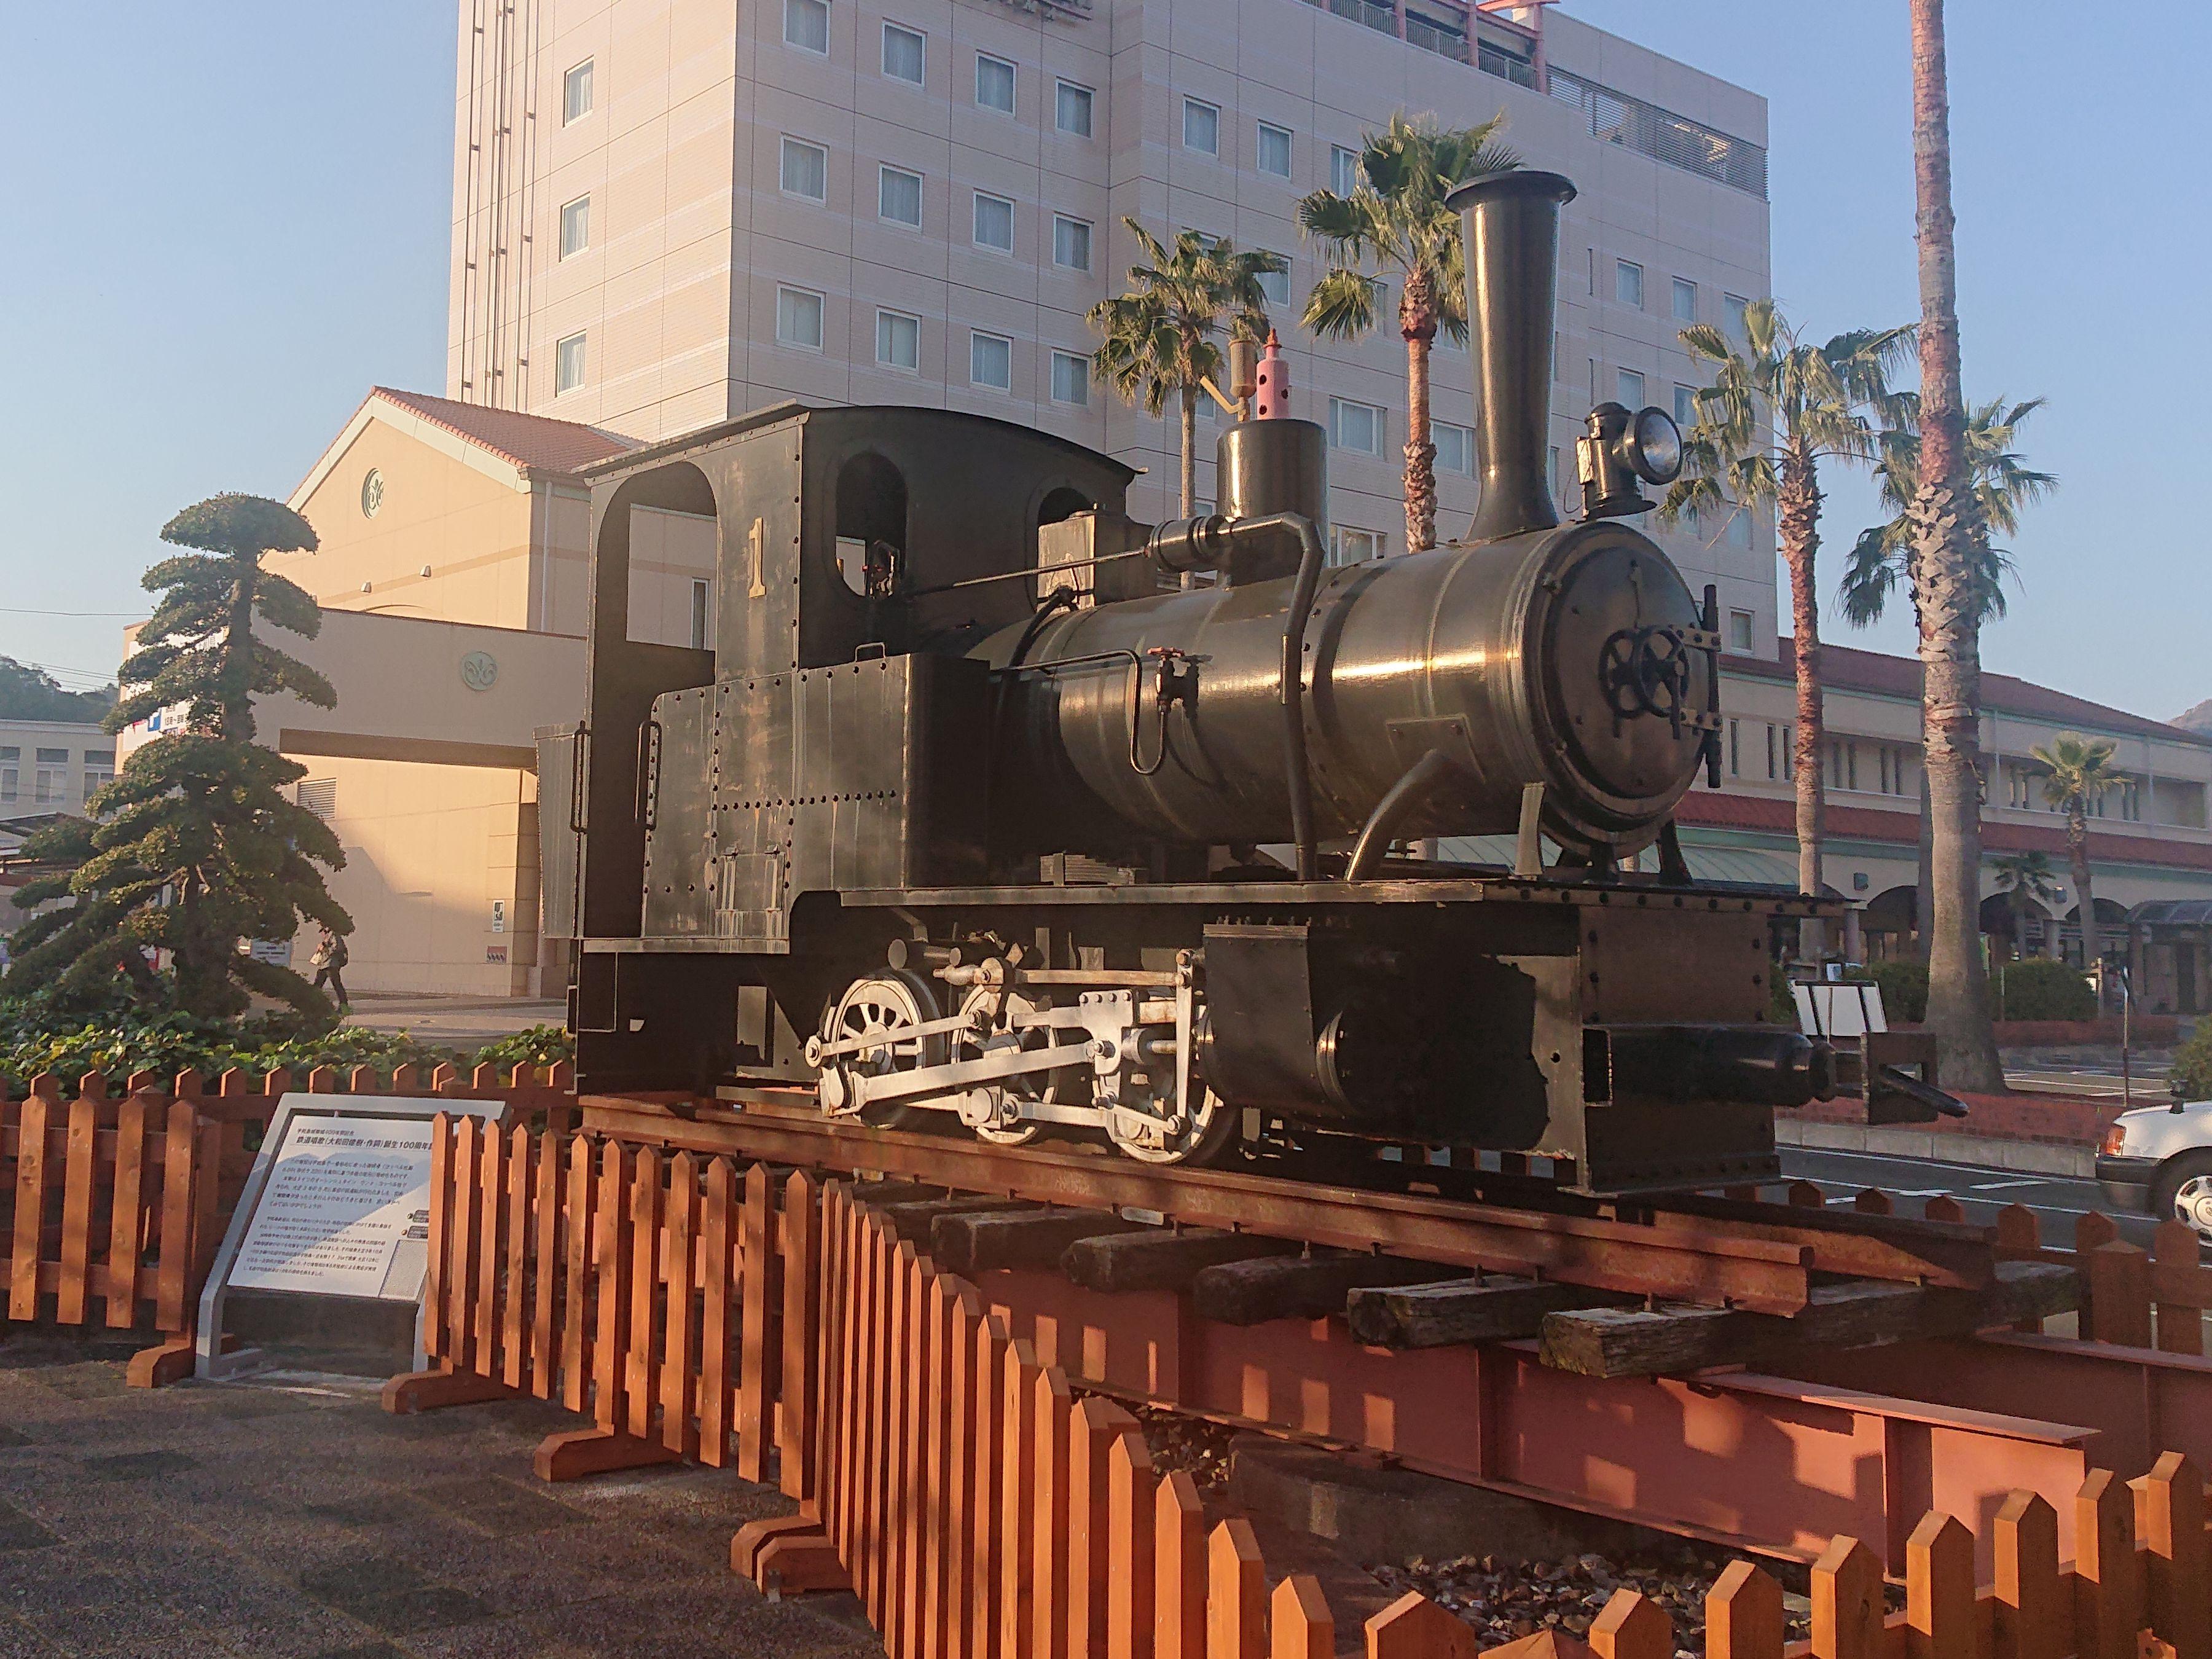 200421-22.jpg